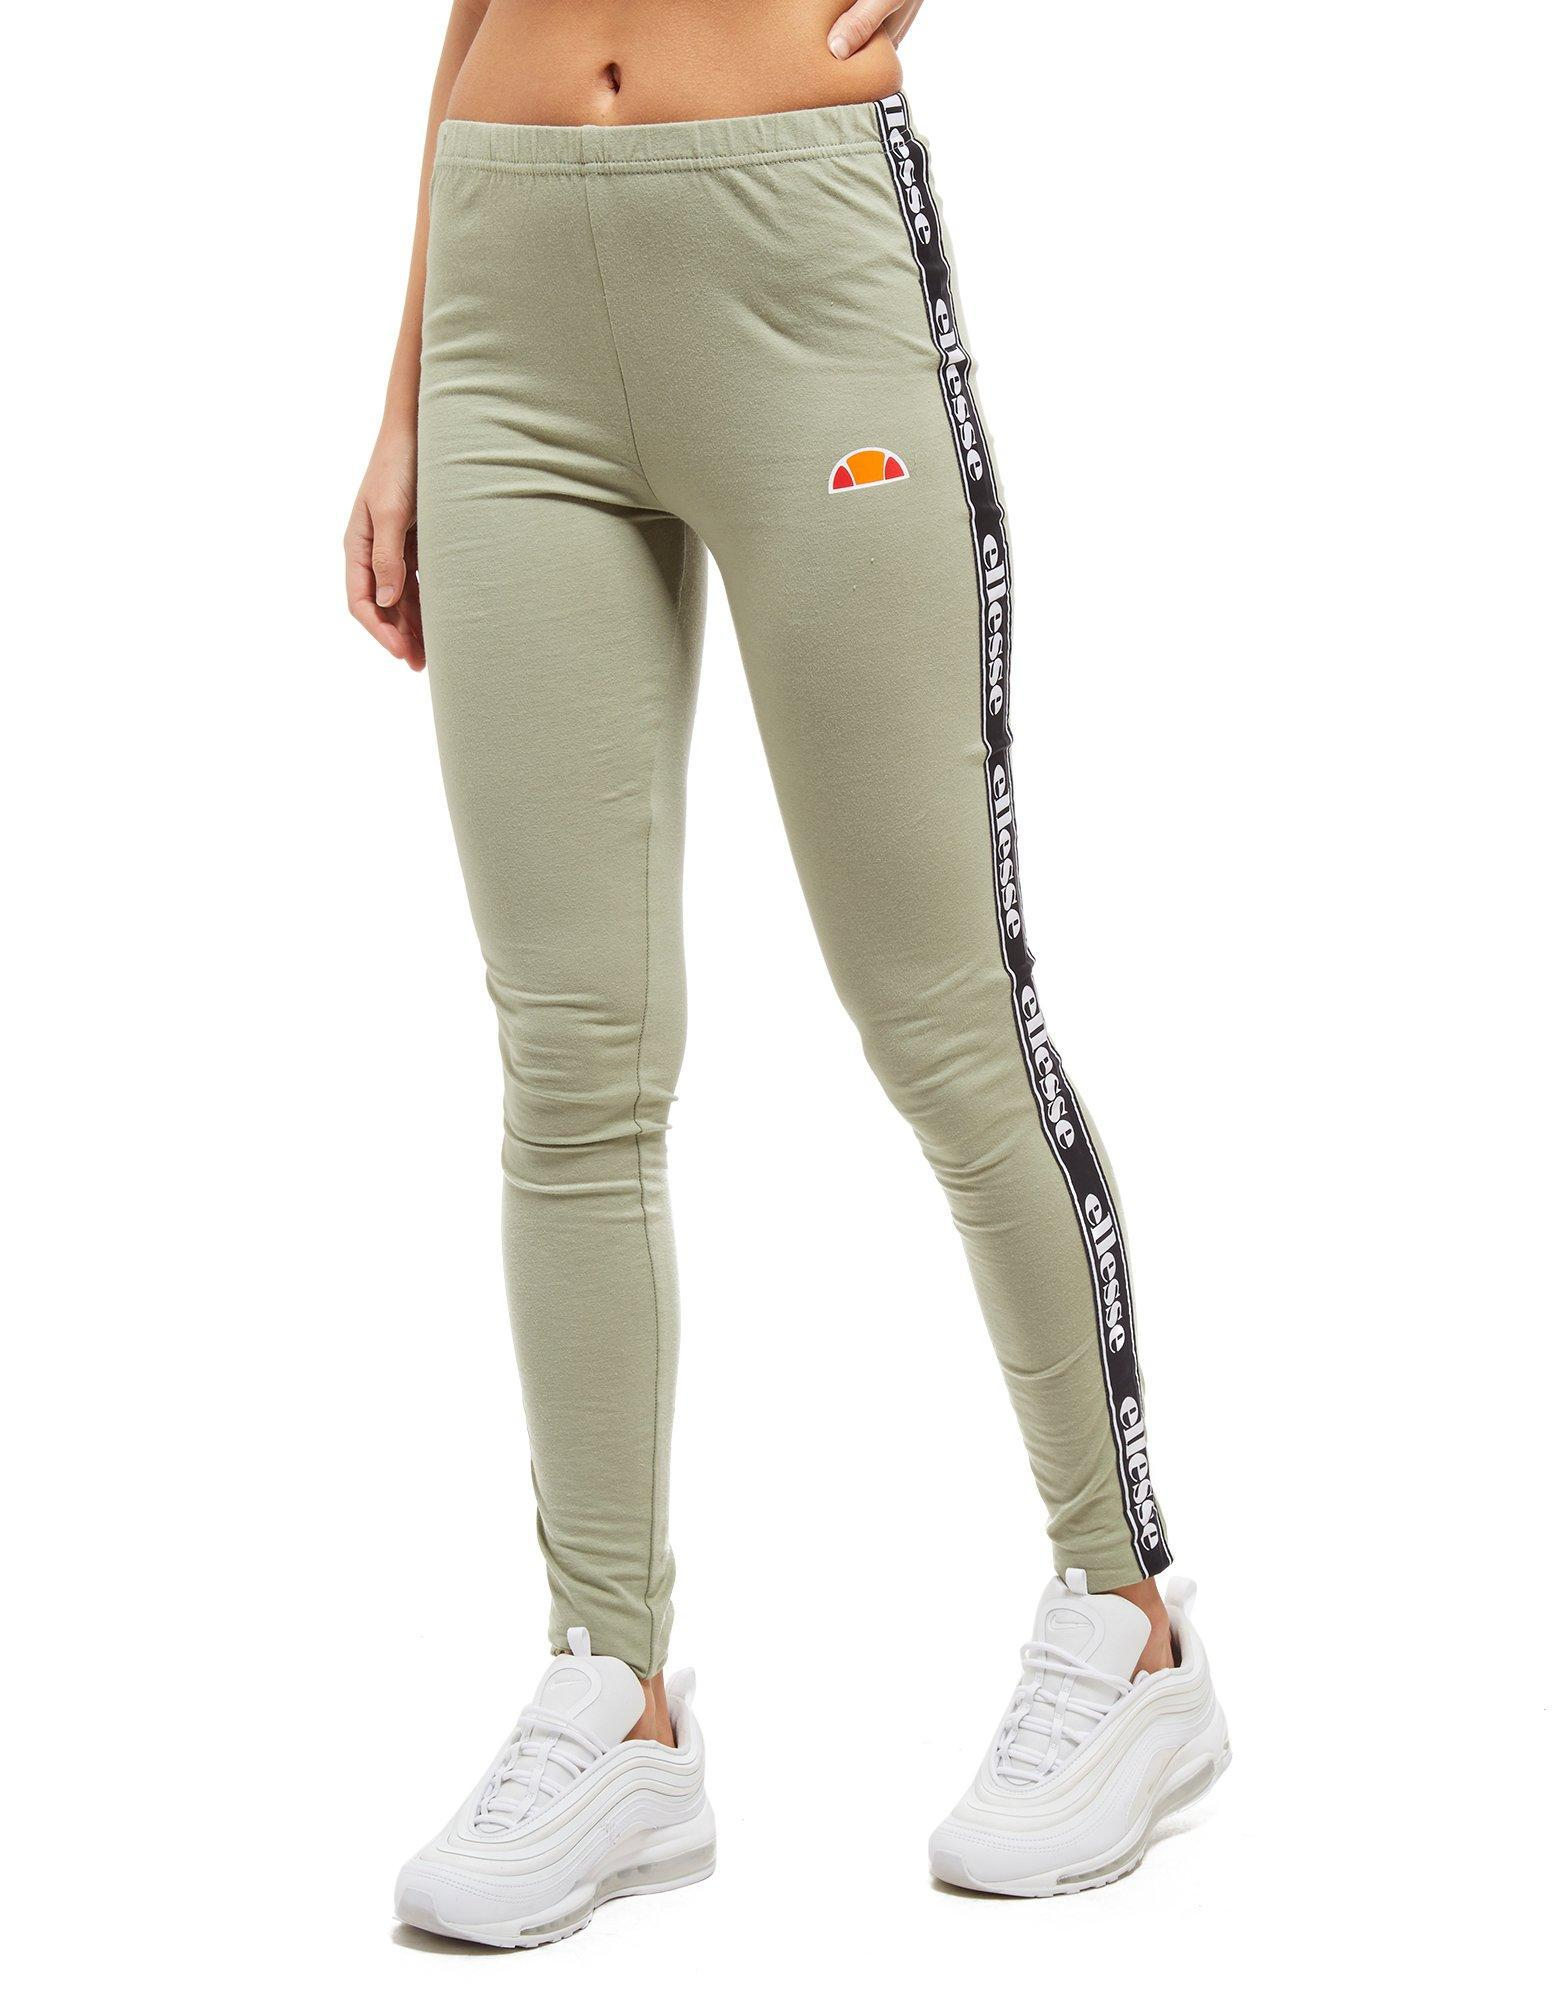 96da7f0bb2a2 Ellesse Tape Leggings in Green - Lyst